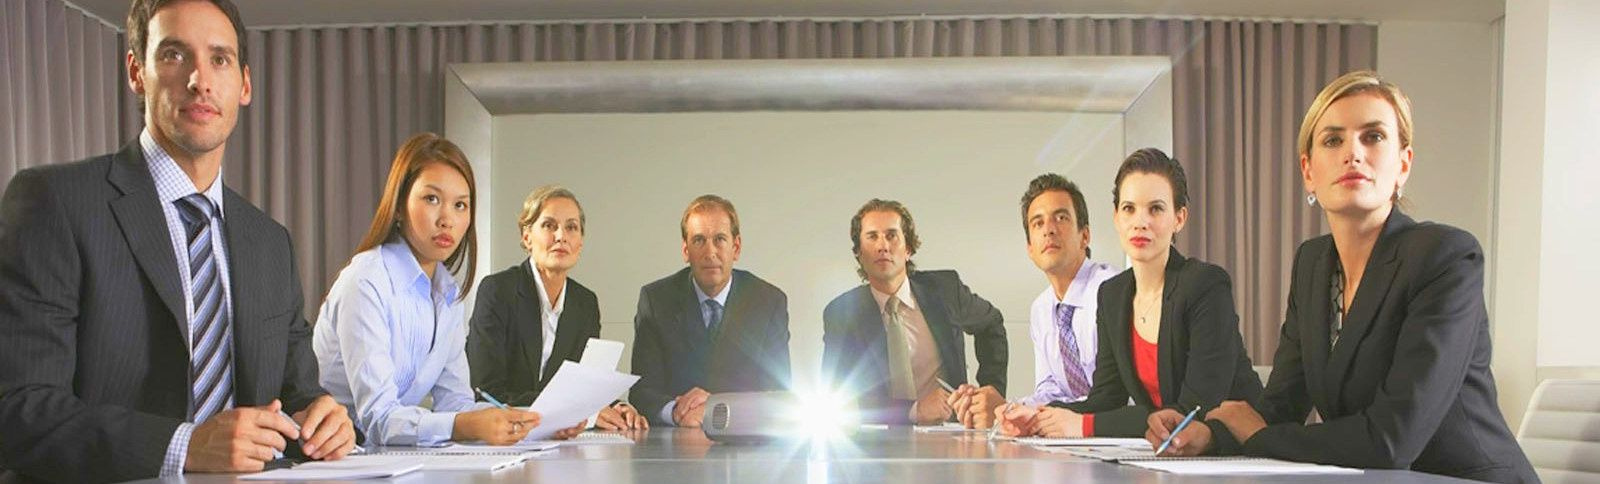 web marketing dans les centre d'appel